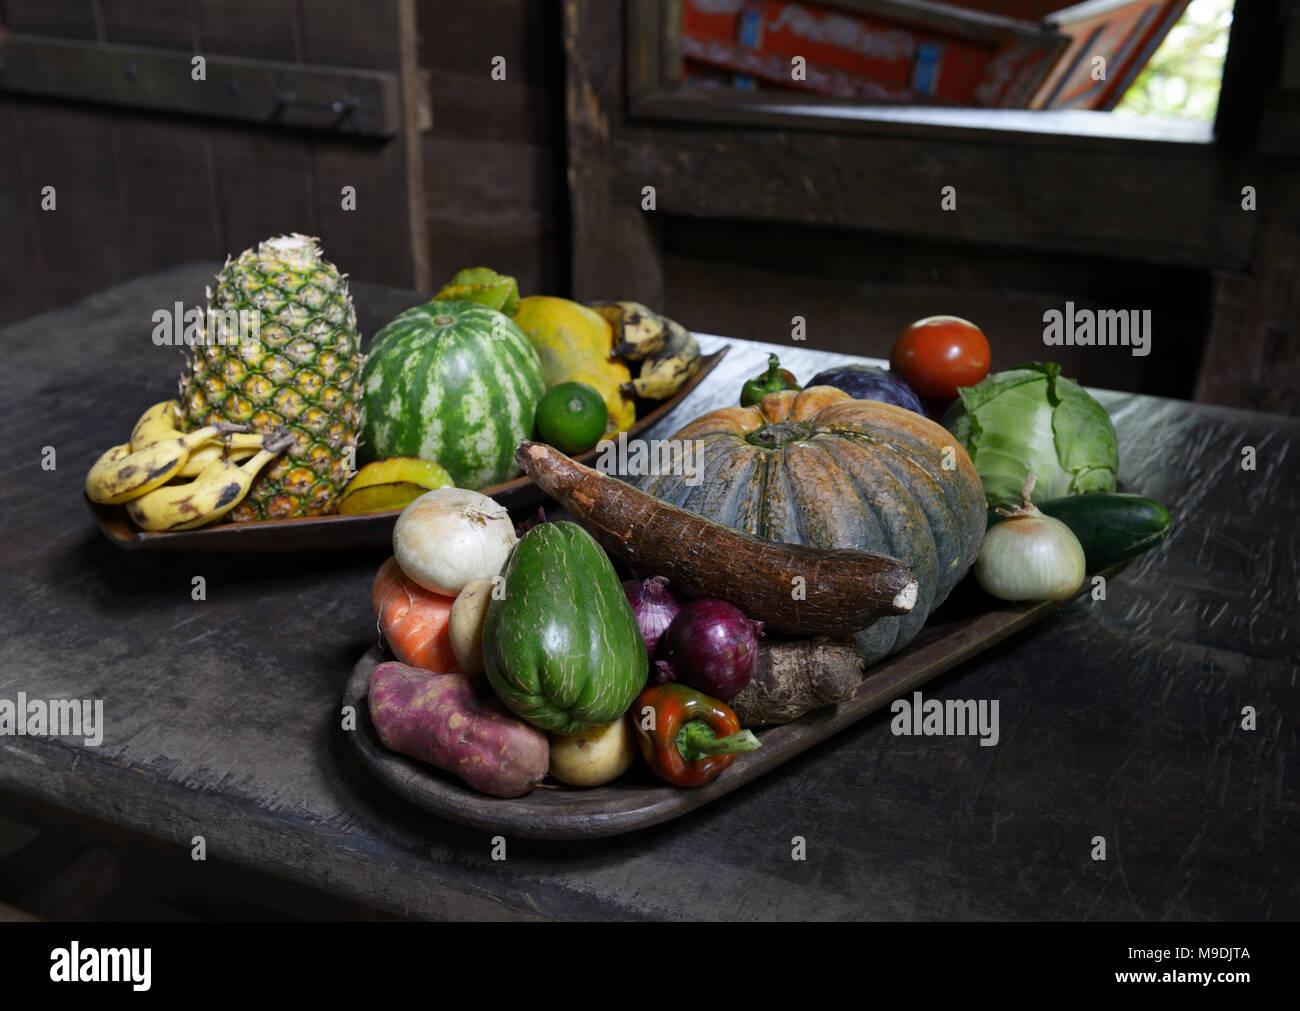 Antiche varietà di frutta e verdura in una tabella in un home, Costa Rica Immagini Stock